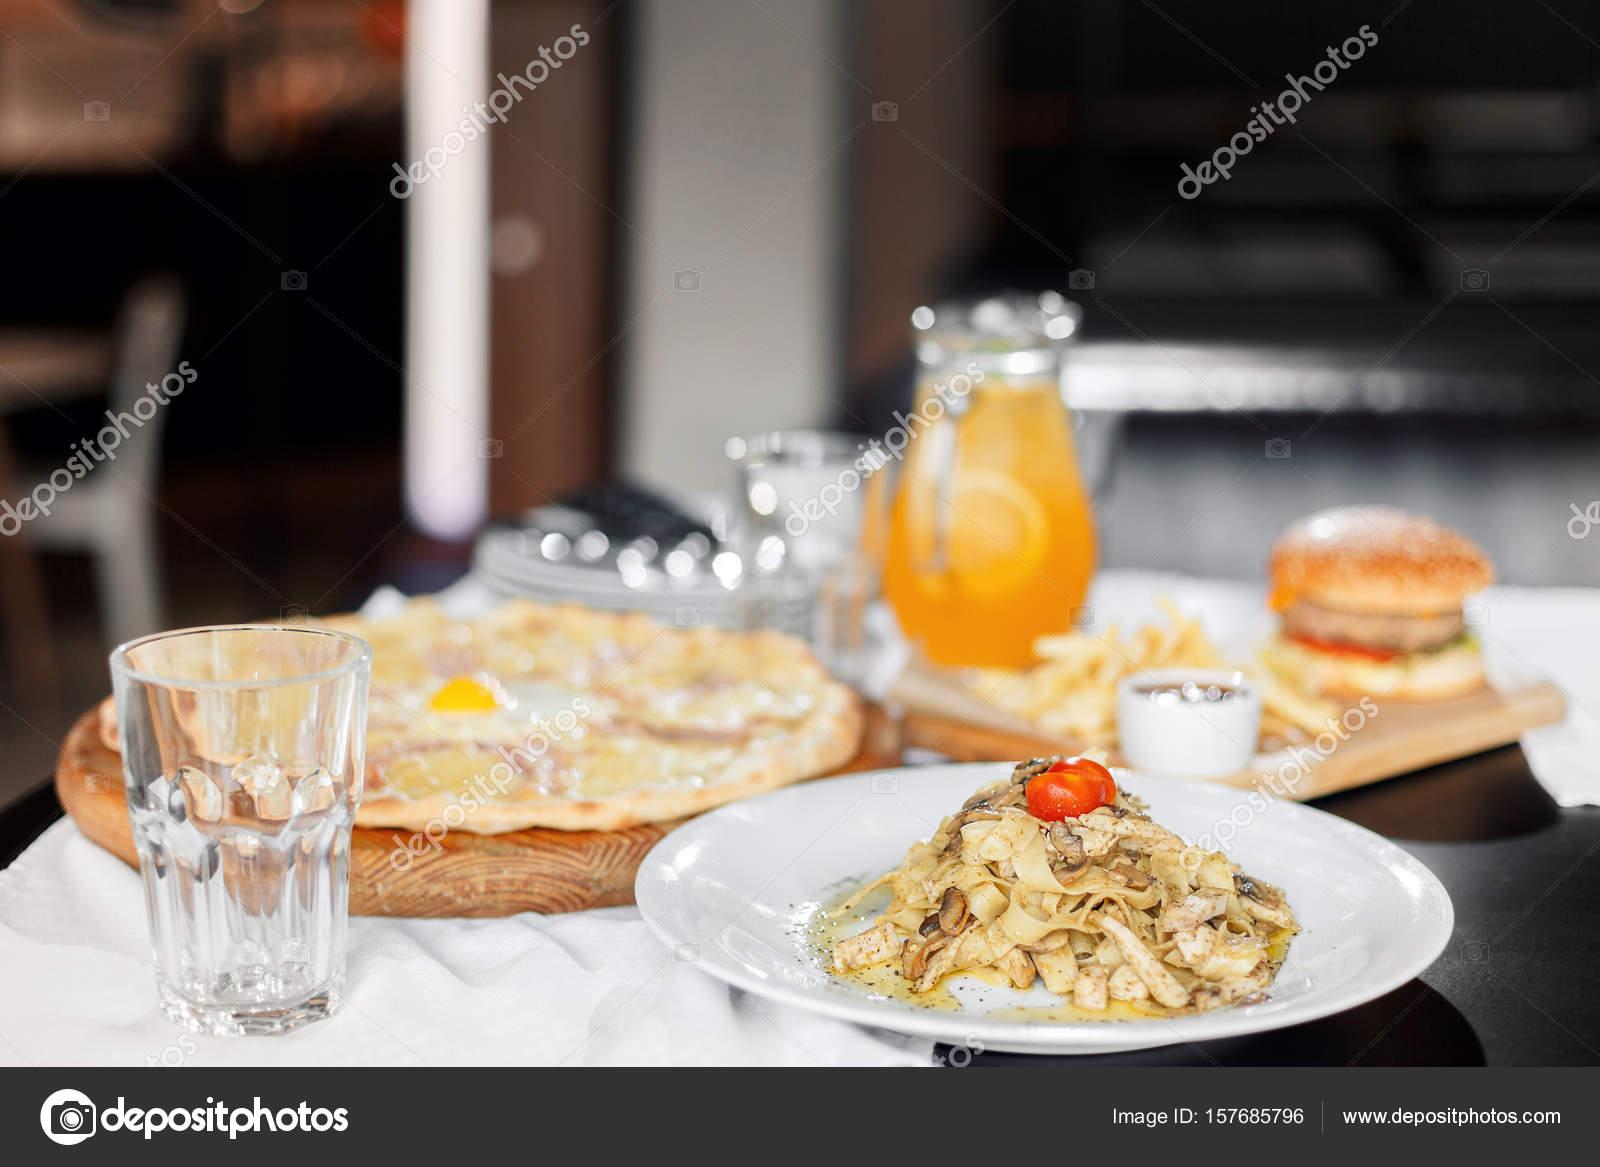 schöne Tabelle der italienische Pasta, Pizza, Burger und Getränke ...